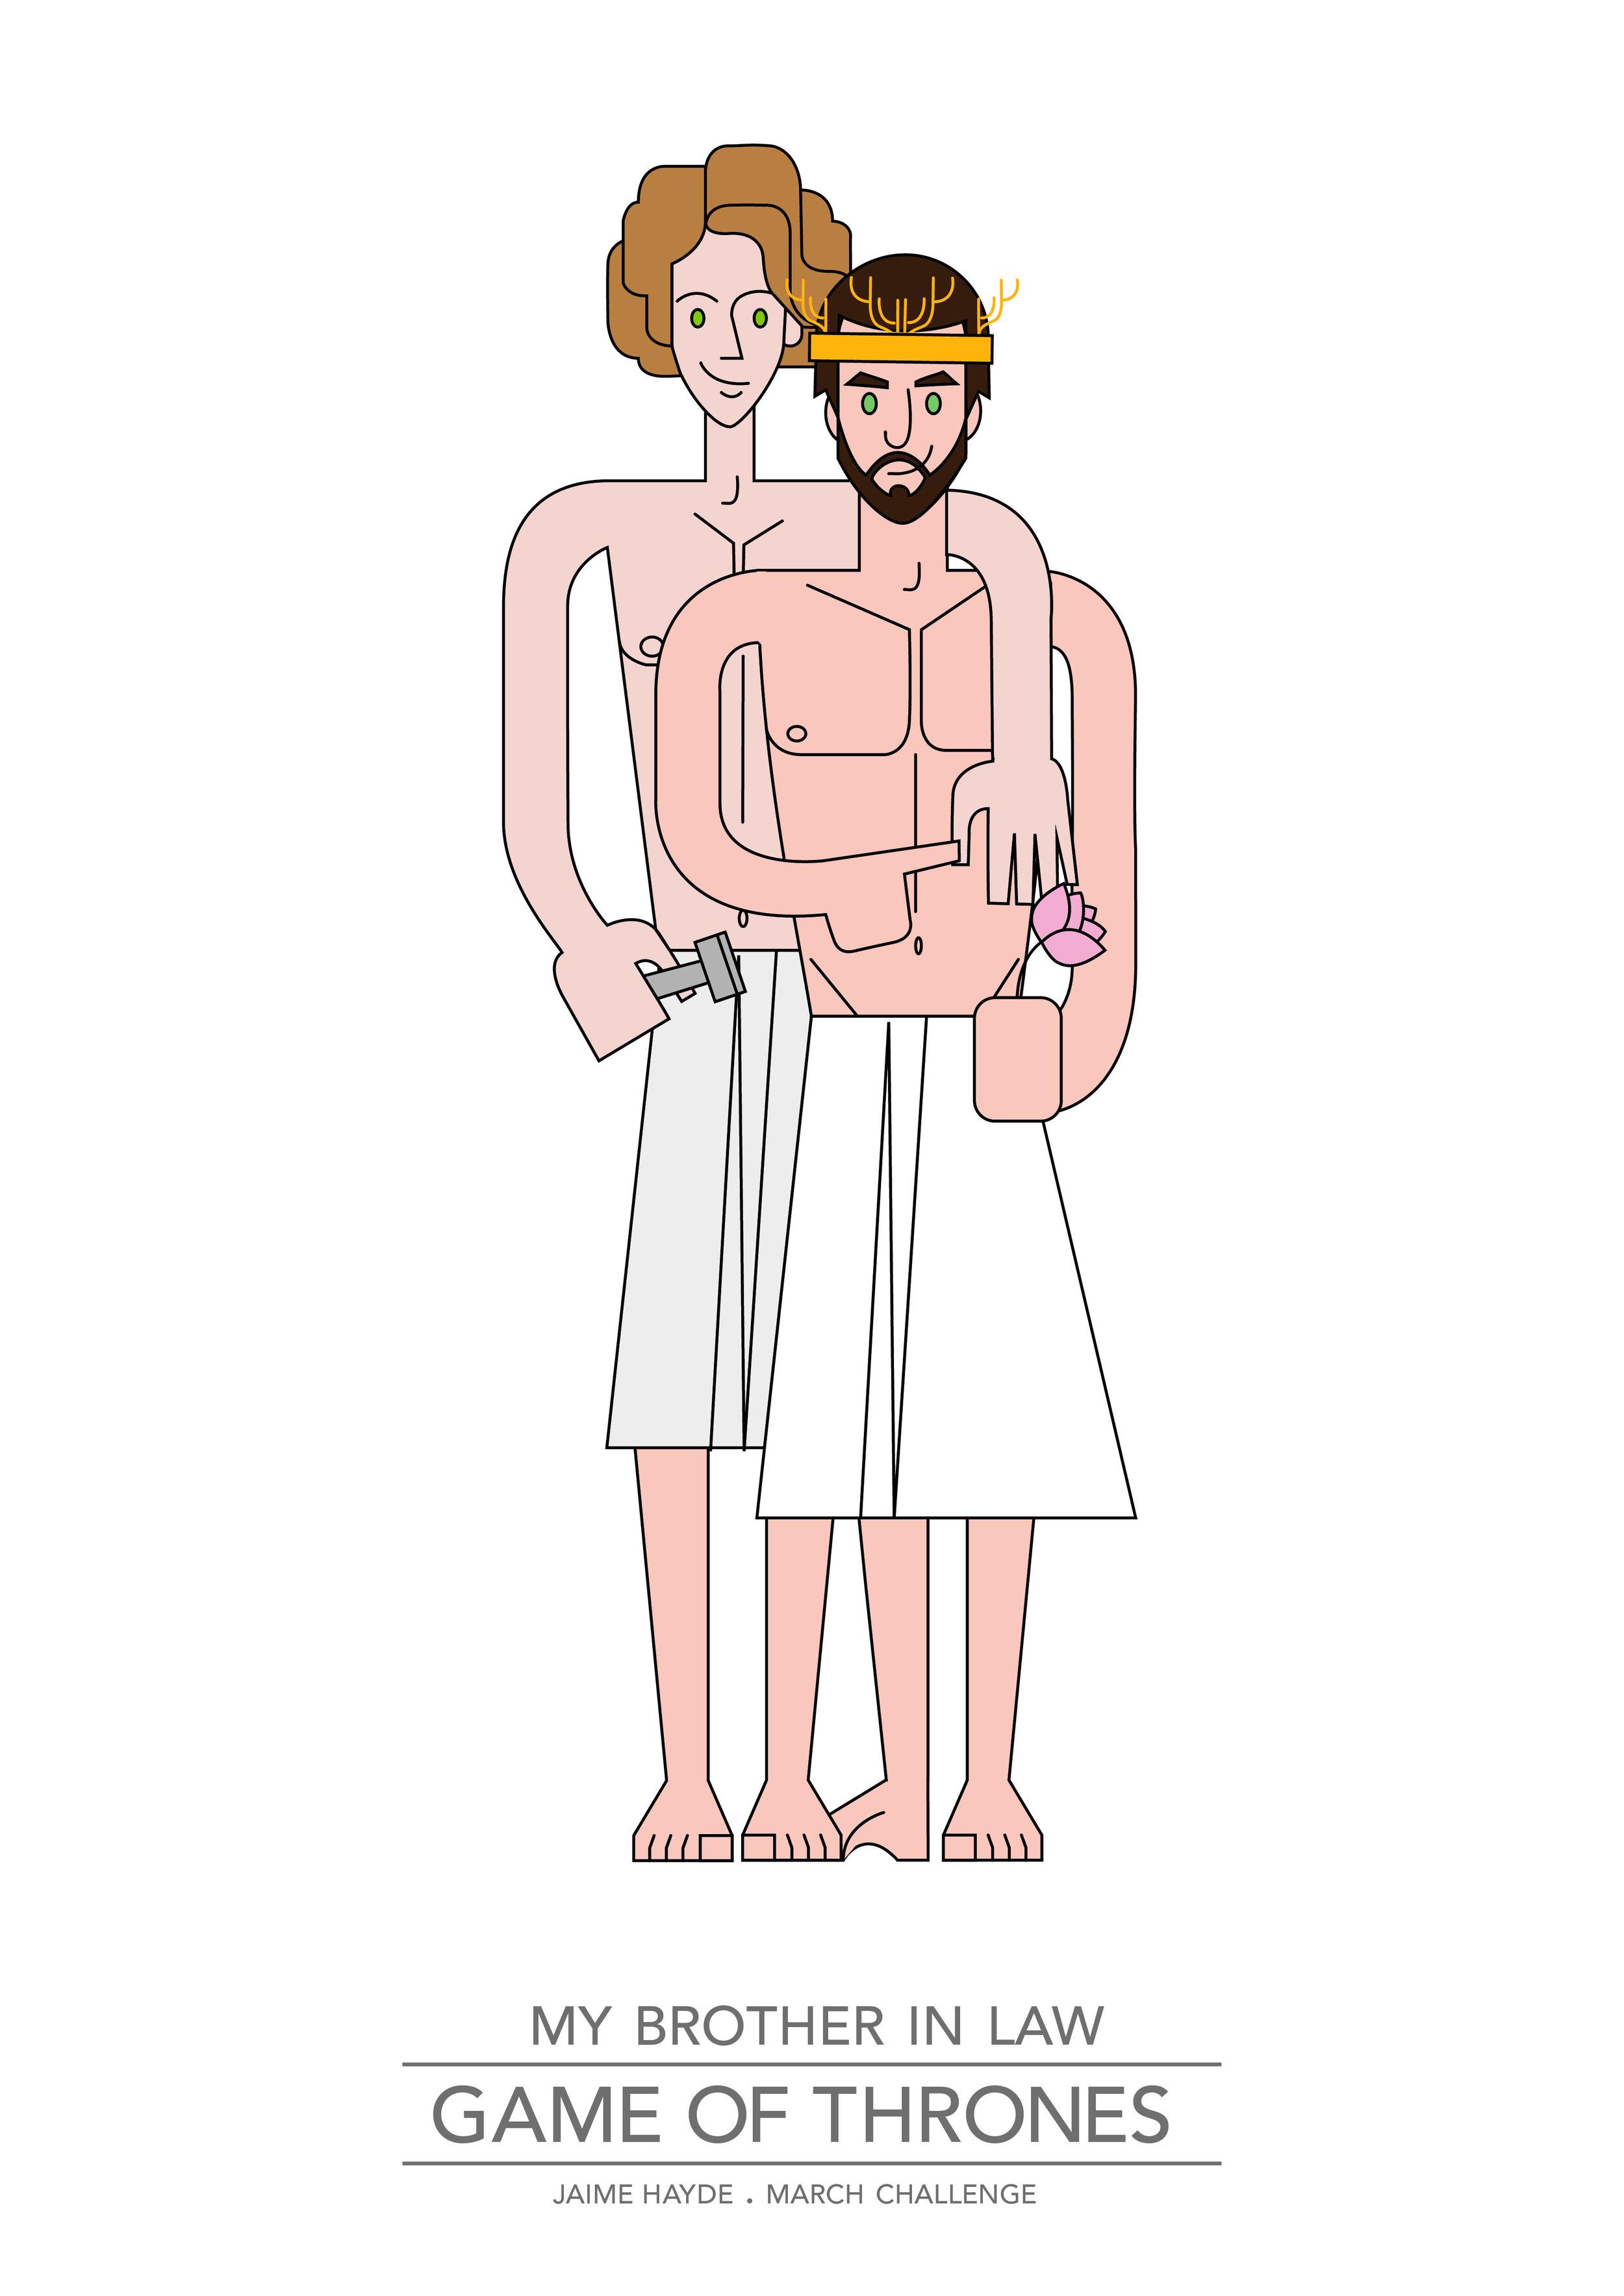 Game-of-thrones-Juego-de-tronos-gay-illustration.jpg